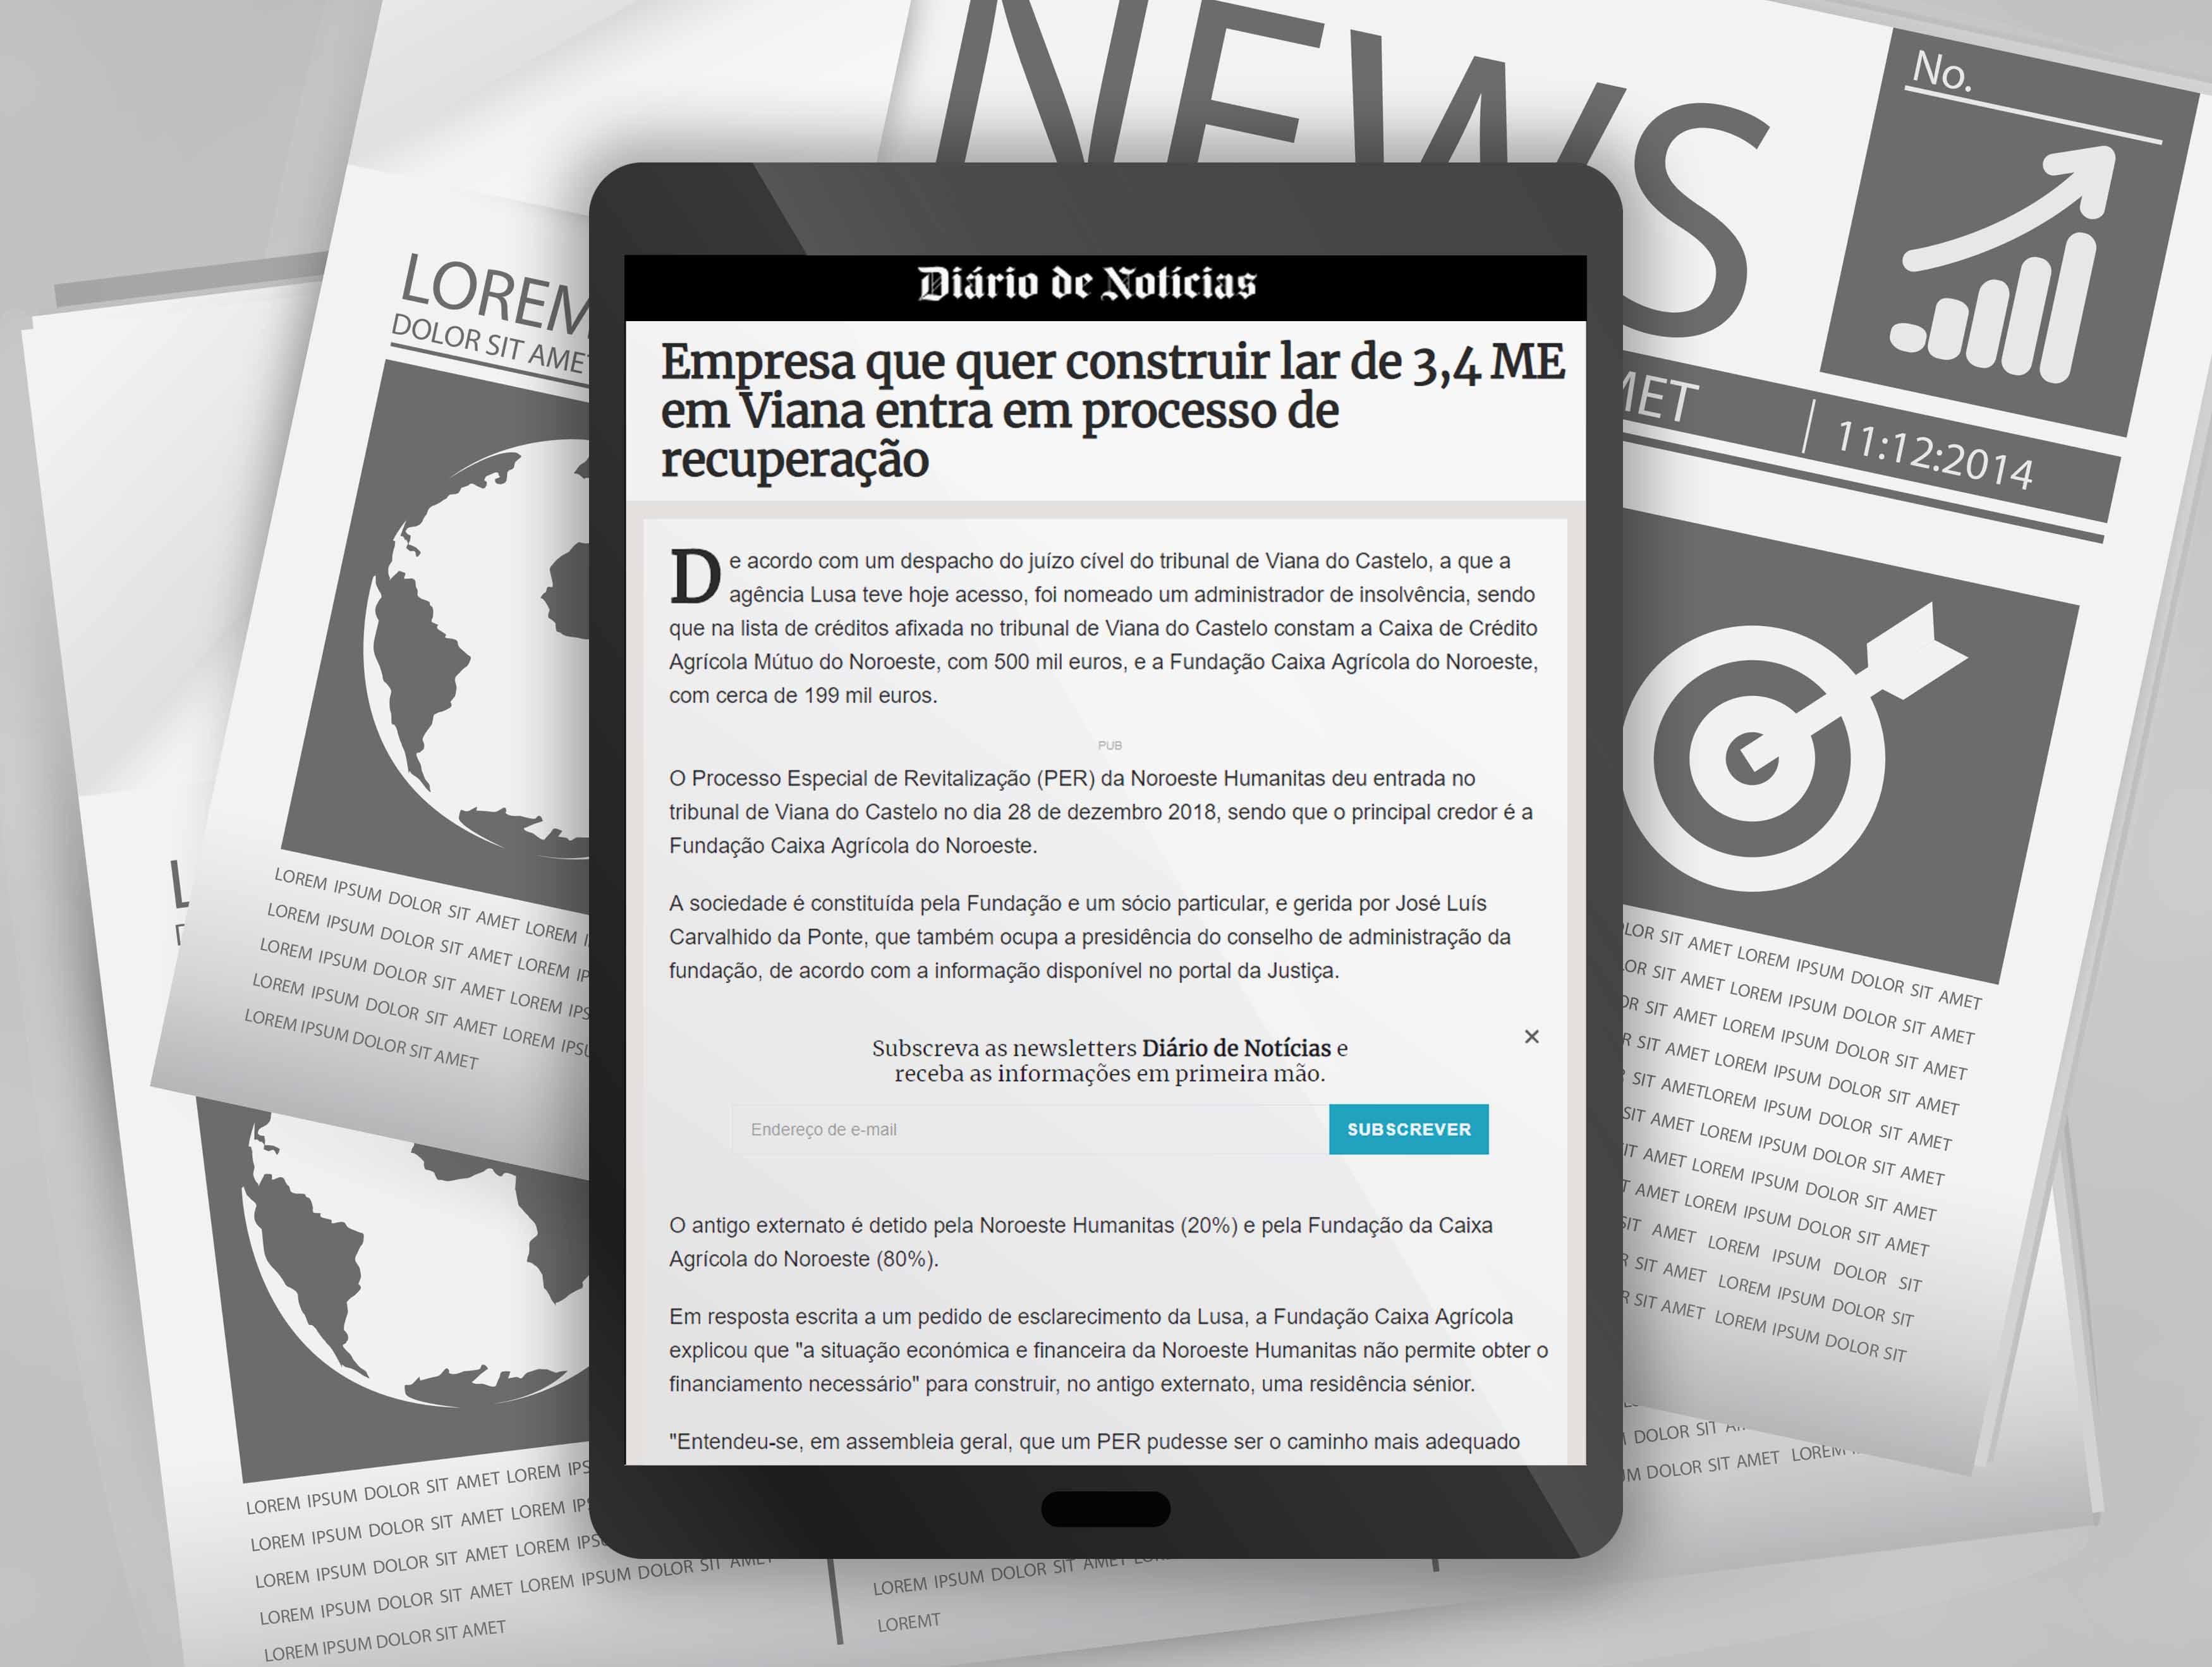 Empresa que quer construir lar de 3,4 ME em Viana entra em processo de recuperação